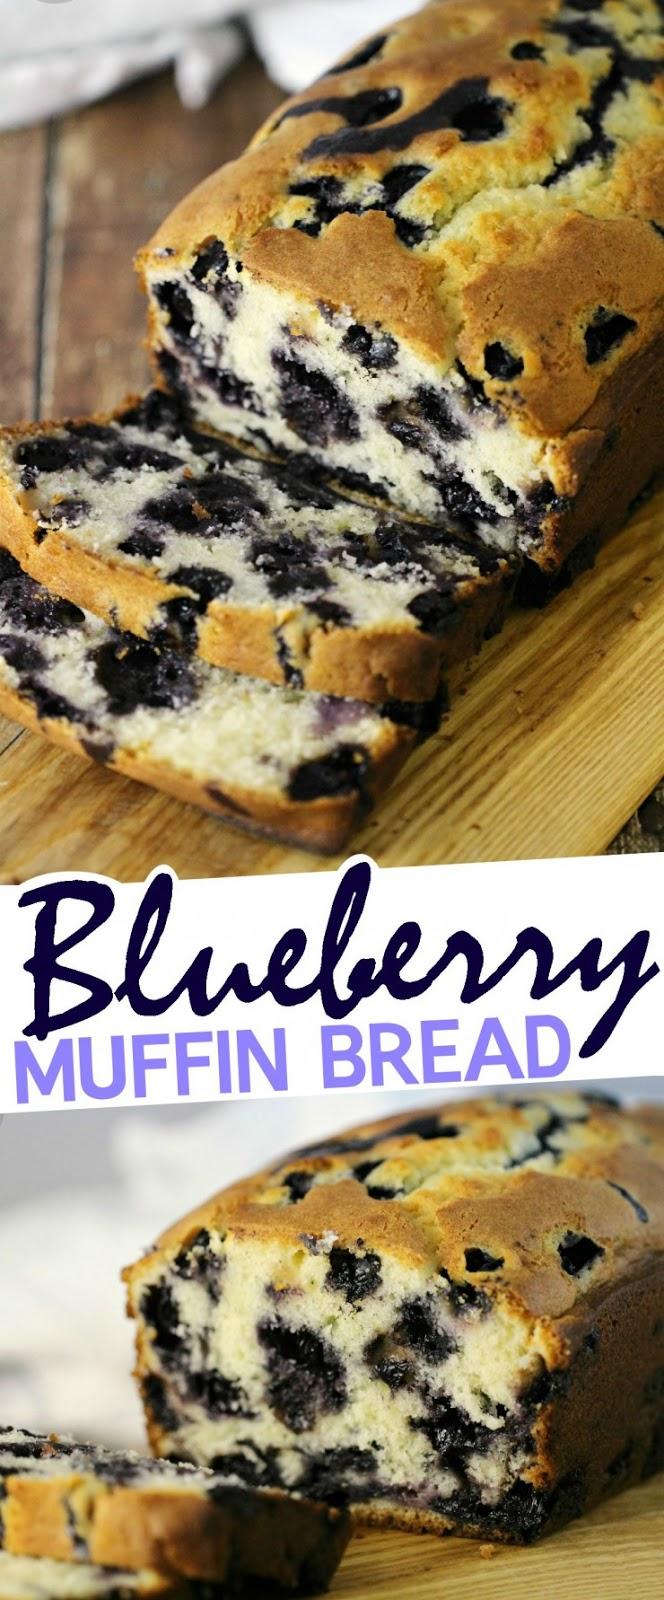 BLUEBERRY MUFFIN BREAD RECIPE